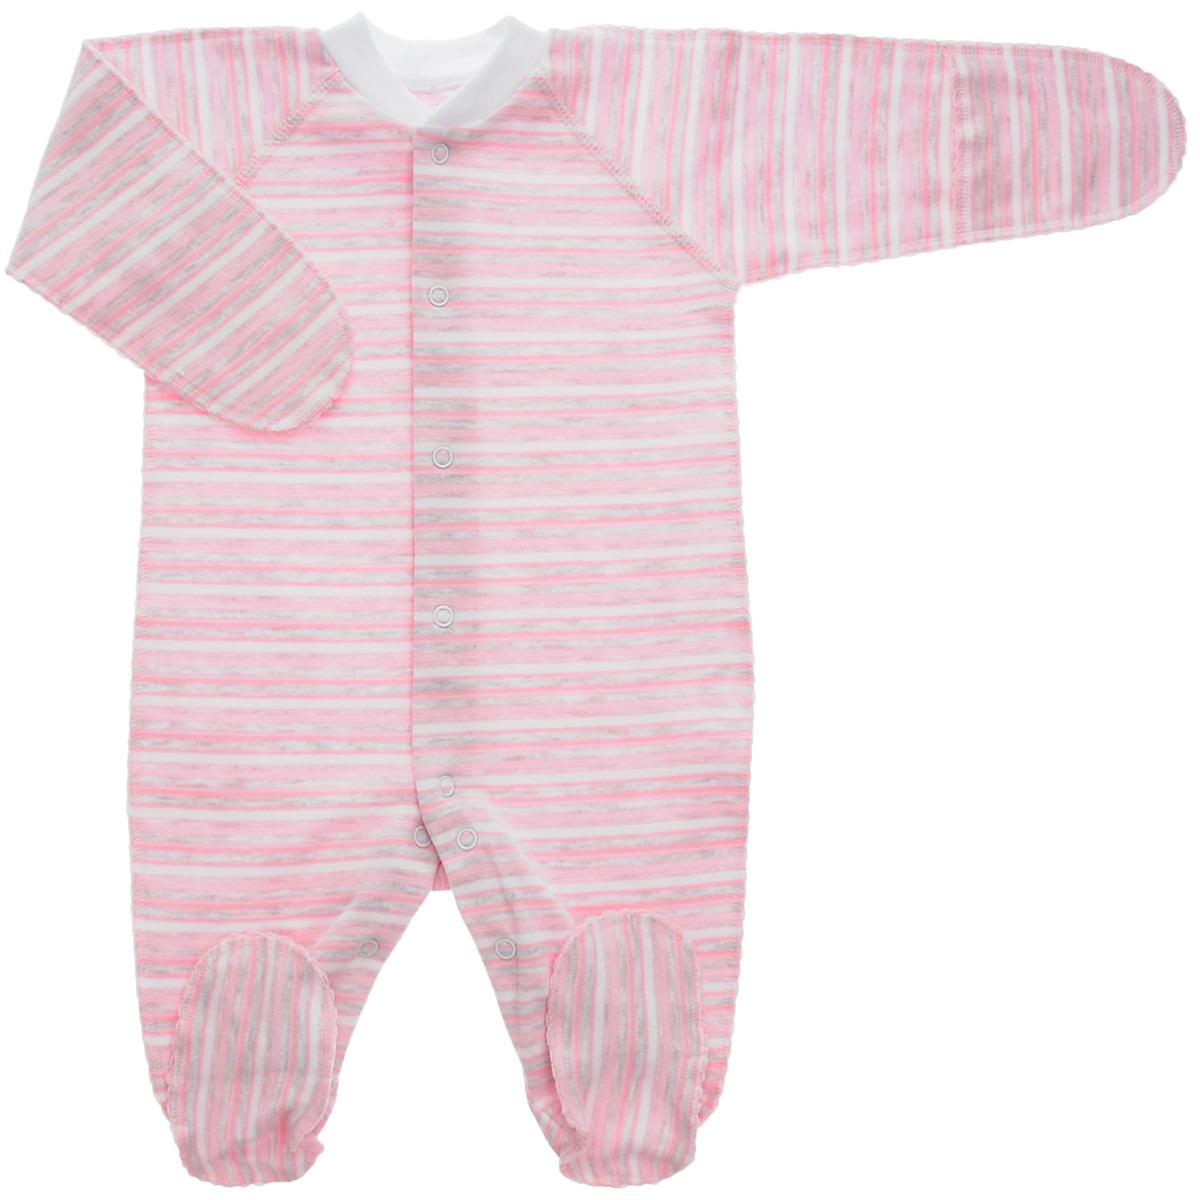 Комбинезон детский Фреш стайл, цвет: розовый, серый, белый. 39-523. Размер 20, 56 см, 0-1 месяц39-523Комбинезон Фреш Стайл станет идеальным дополнением к гардеробу вашего ребенка. Выполненный из натурального хлопка, он необычайно мягкий и приятный на ощупь, не раздражают нежную кожу ребенка и хорошо вентилируется. Комбинезон с длинными рукавами, закрытыми ножками и воротником-стойкой застегиваются спереди на кнопки по всей длине и на ластовице, что облегчает переодевание ребенка и смену подгузника. Горловина дополнена эластичной резинкой. Благодаря рукавичкам ребенок не поцарапает себя.Оригинальное сочетание тканей и забавный рисунок делают этот предмет детской одежды оригинальным и стильным.